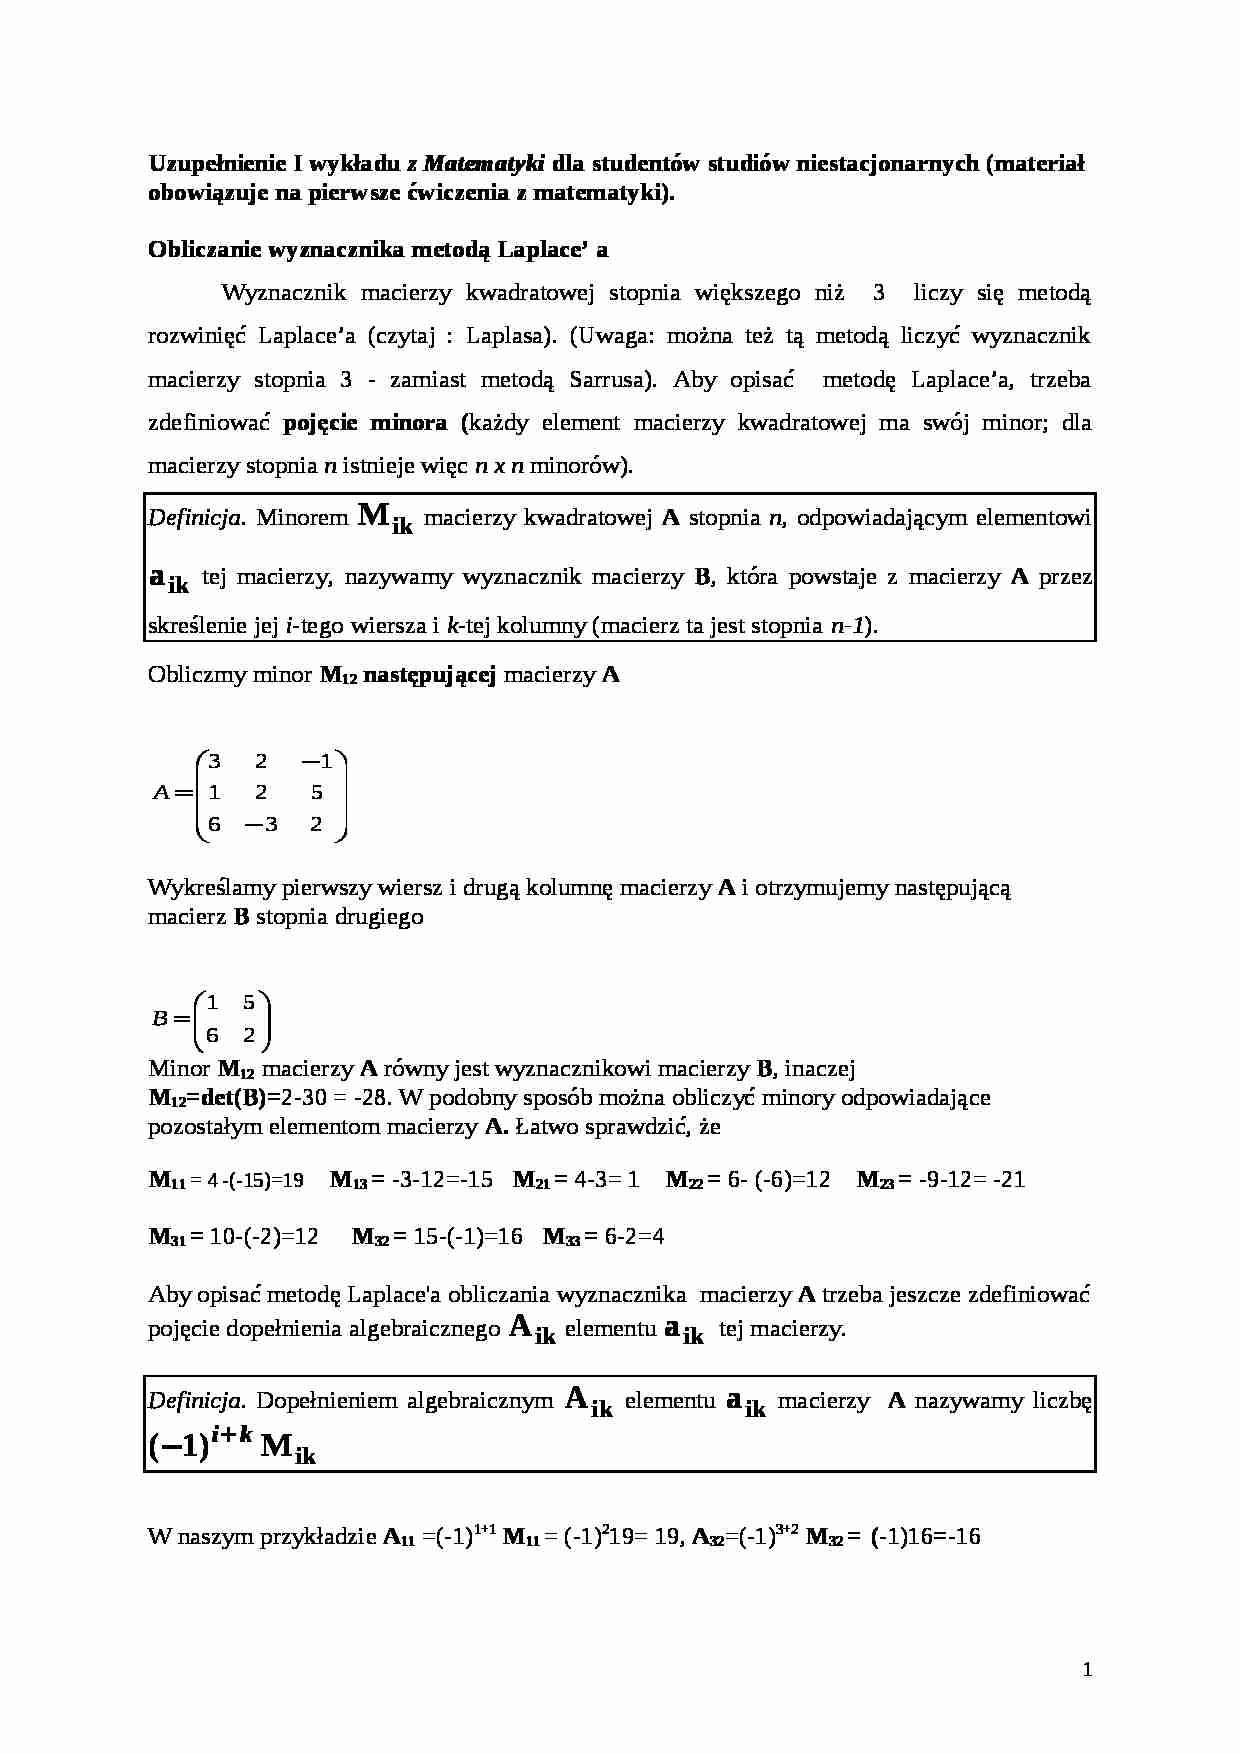 Uzupełnienie Wykładu 1 Z Matematyki Notatekpl